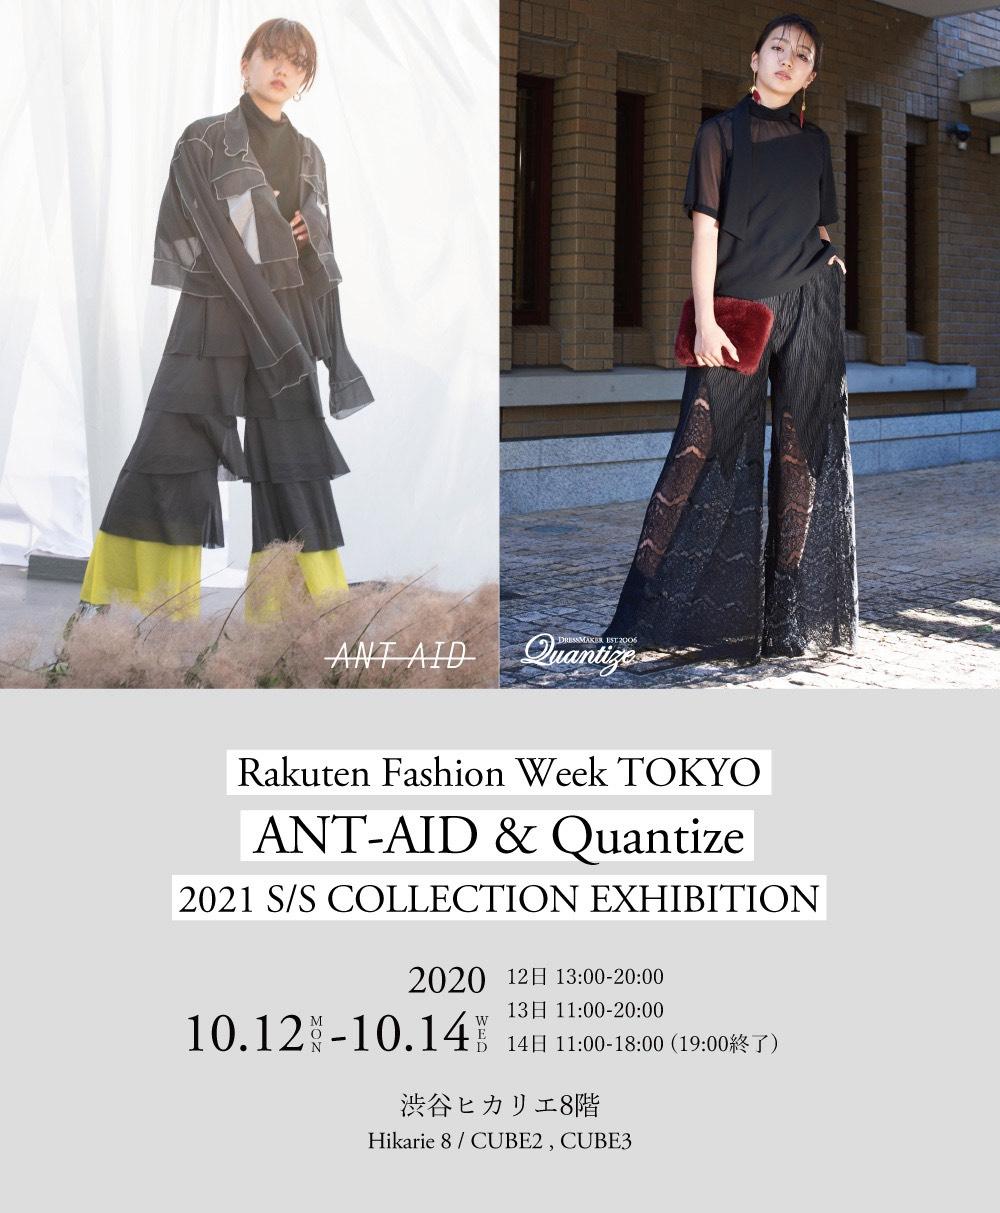 【Rakuten Fashion Week TOKYO】初出展のお知らせ